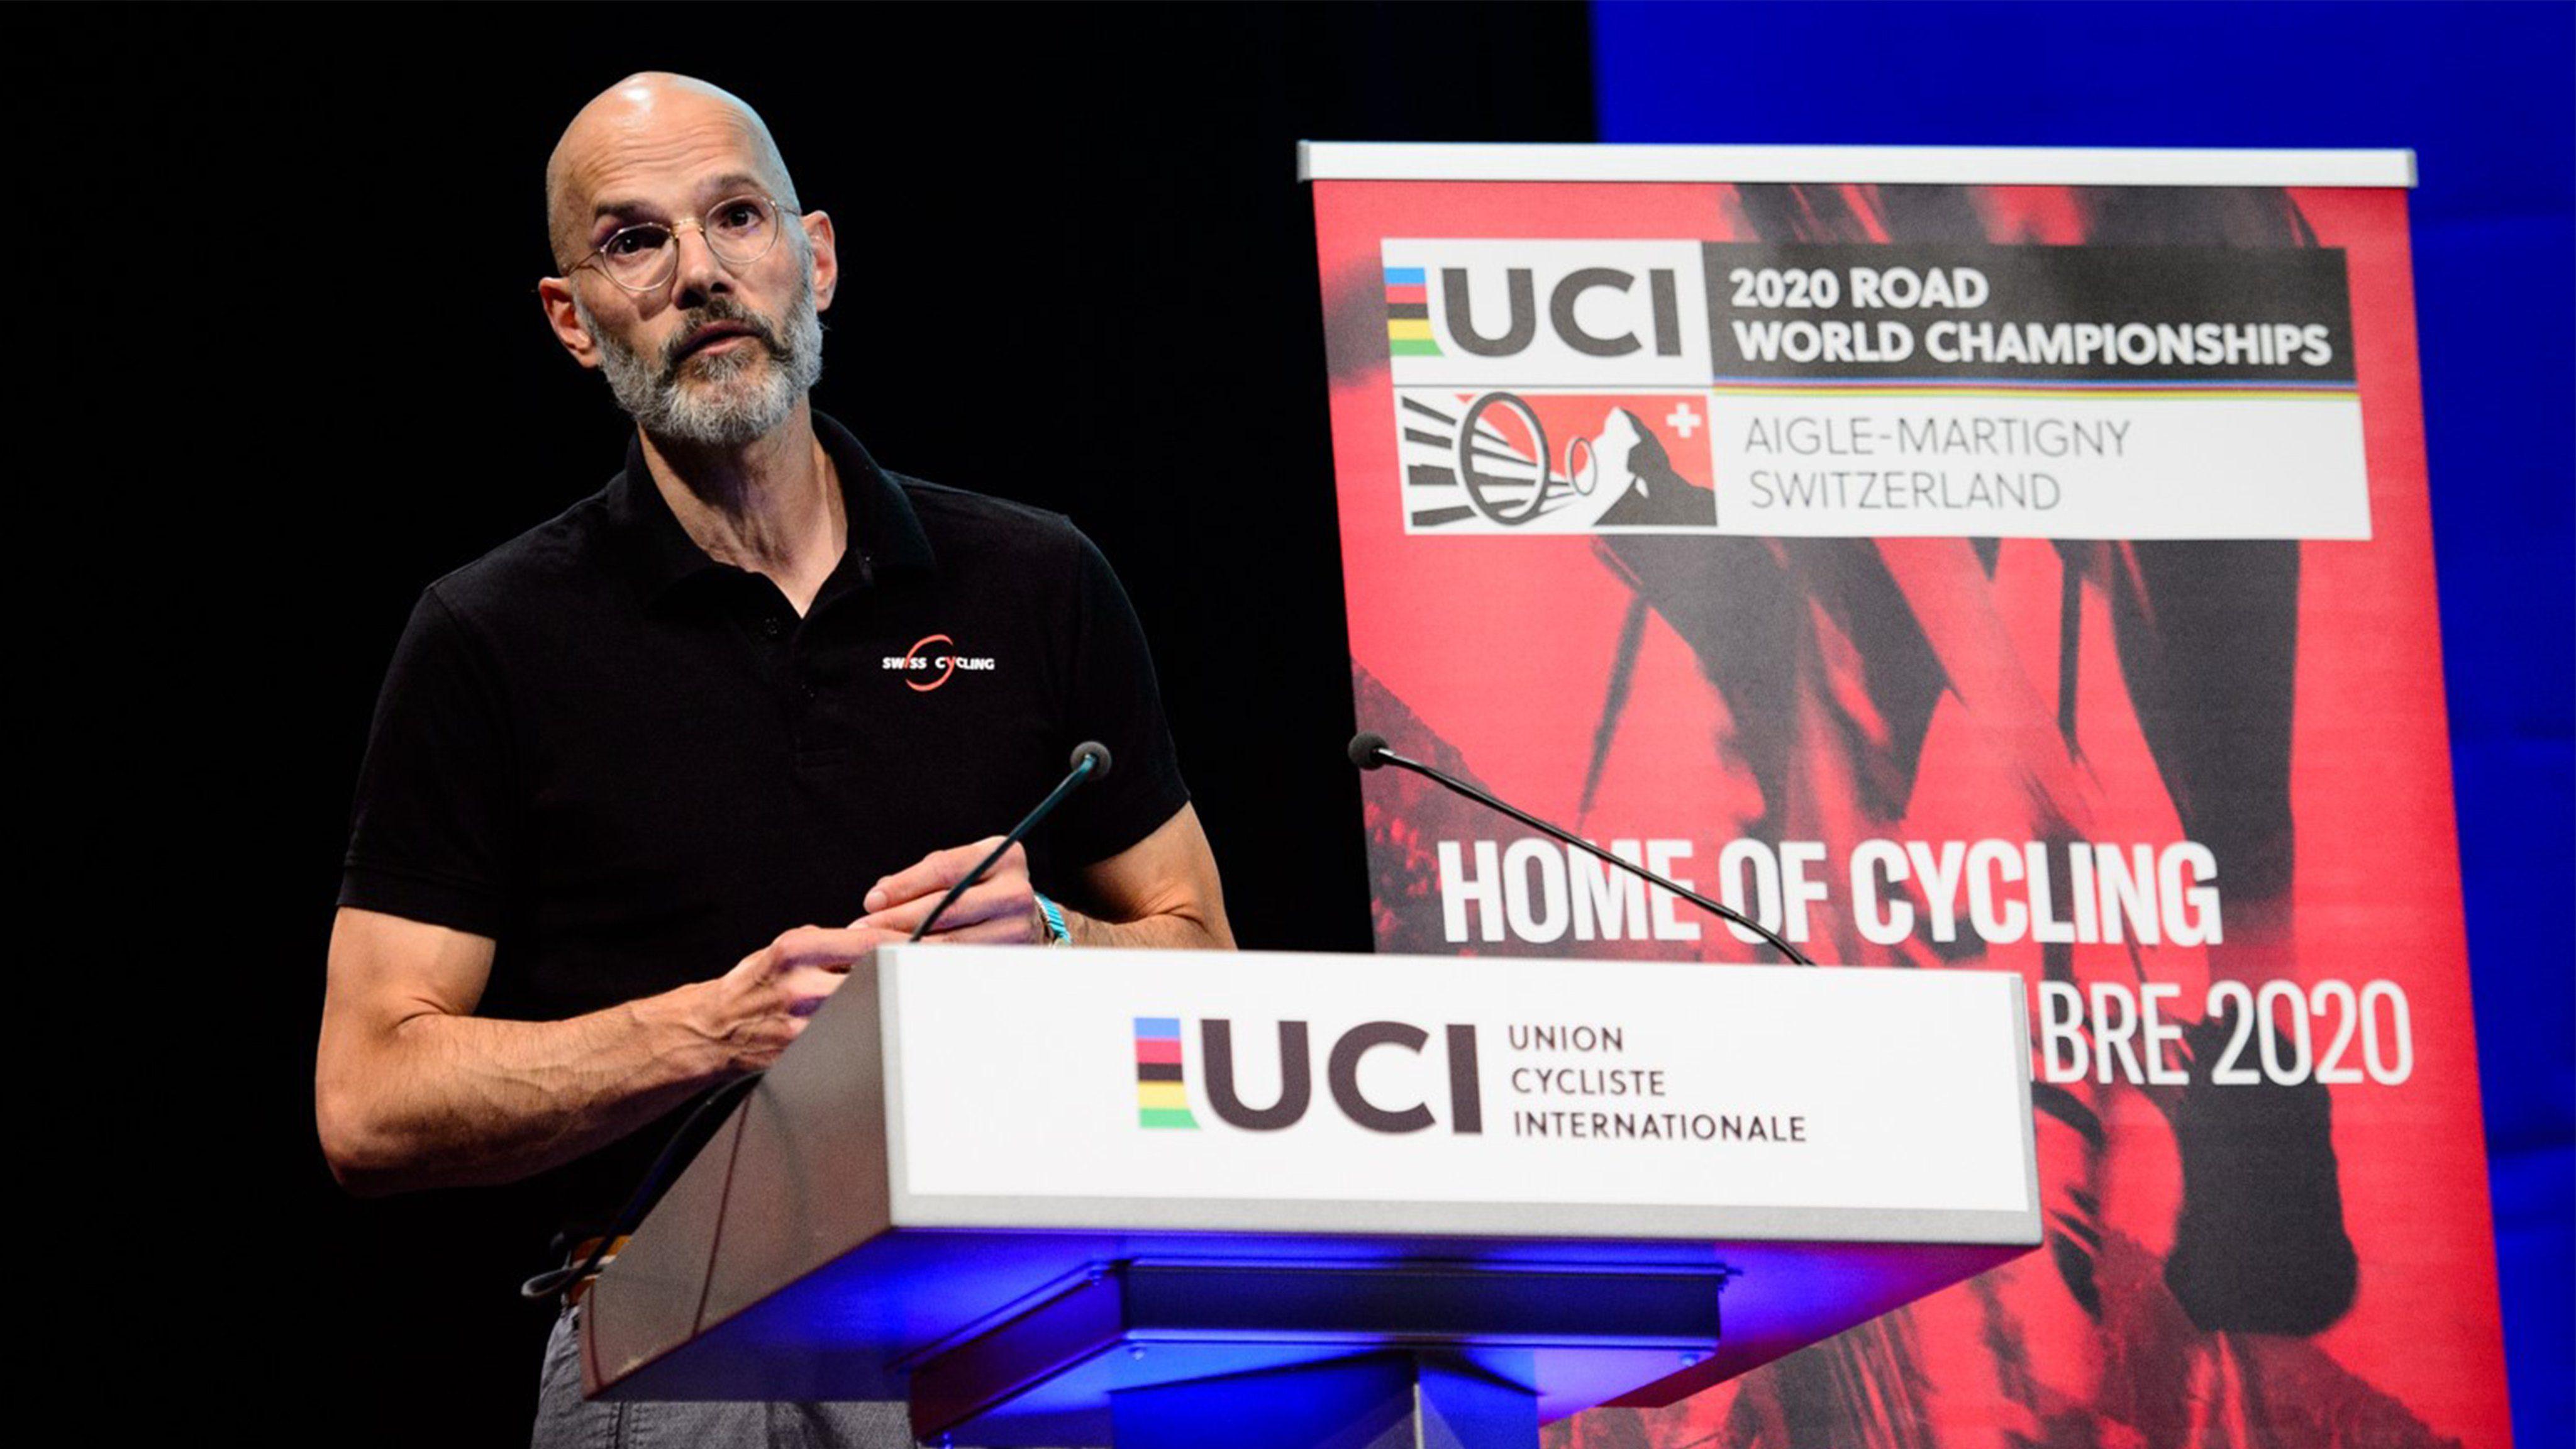 Где и как пройдёт чемпионат мира по велоспорту в 2020 году